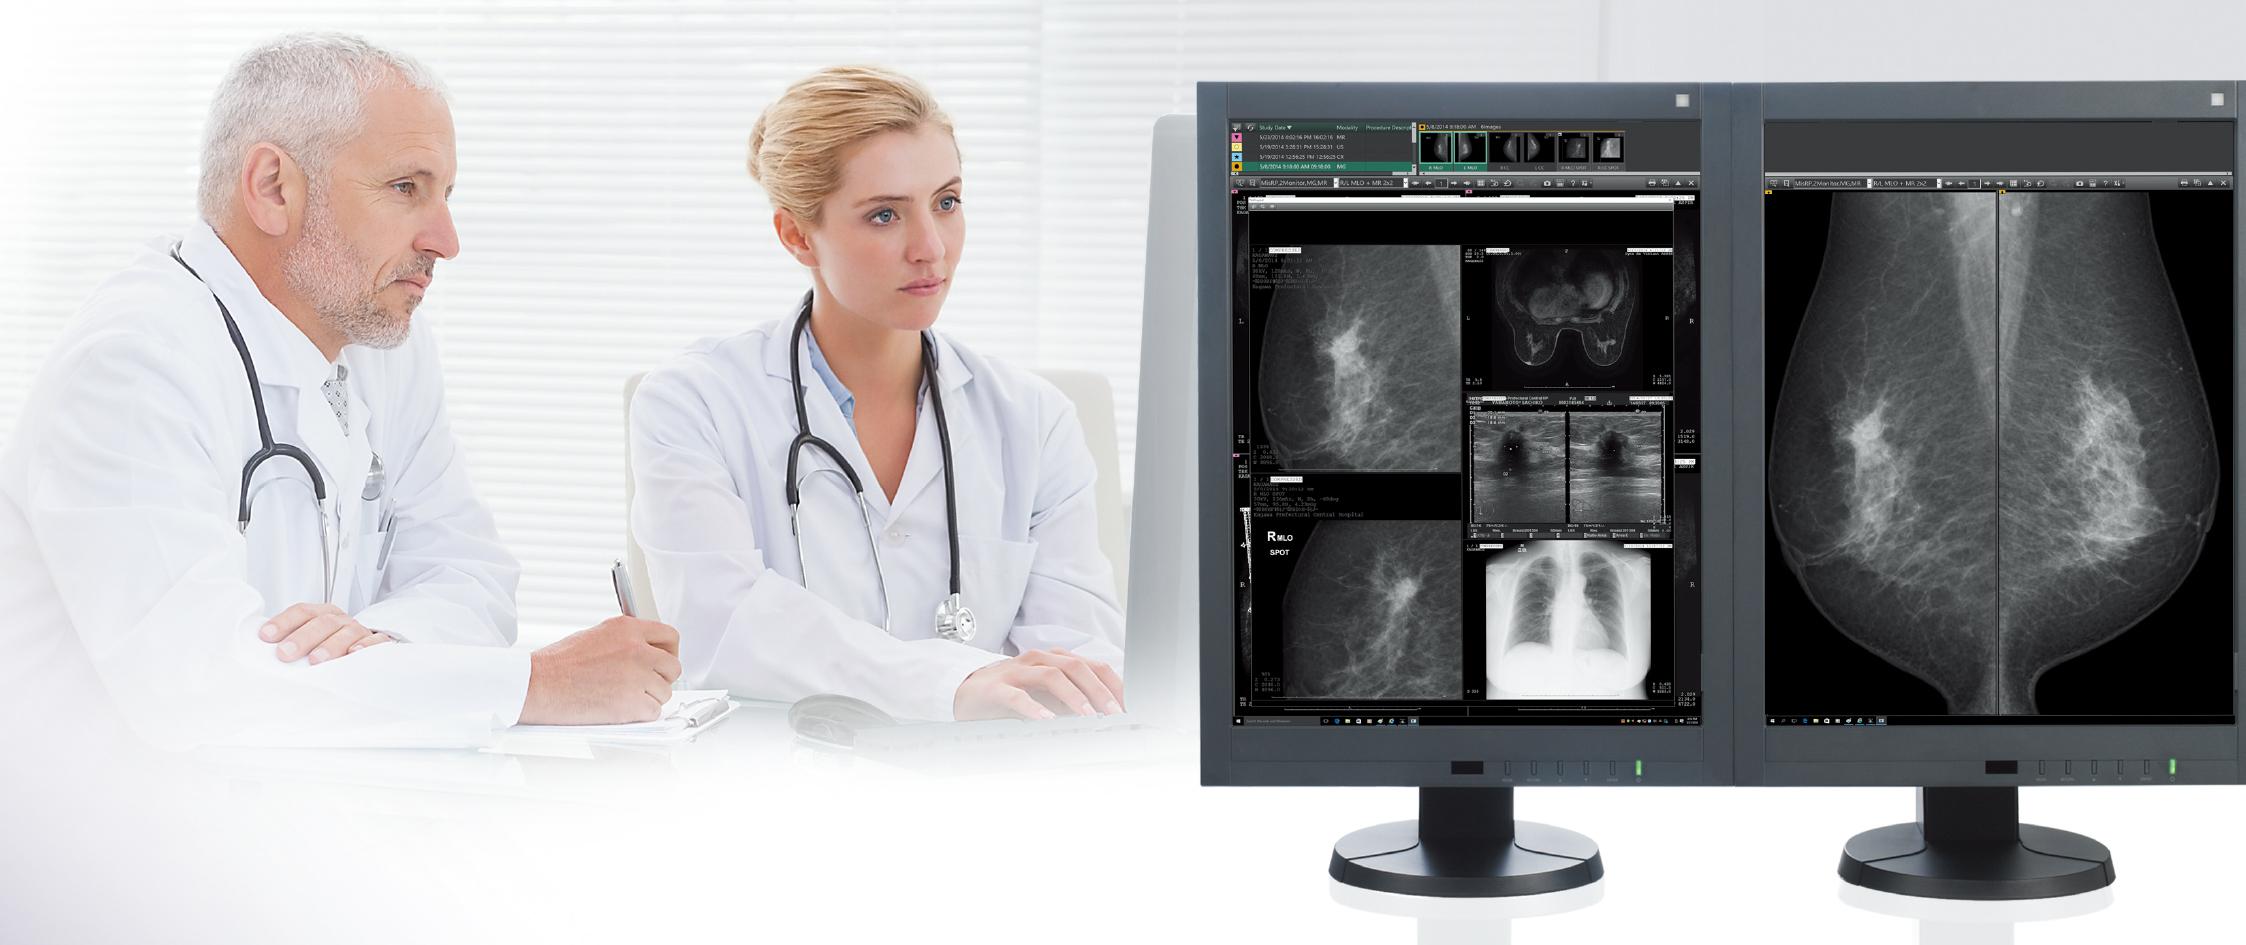 [foto] Um homem e uma mulher vestidos com jalecos de laboratório olhando para várias imagens de mamografia em uma tela de computador